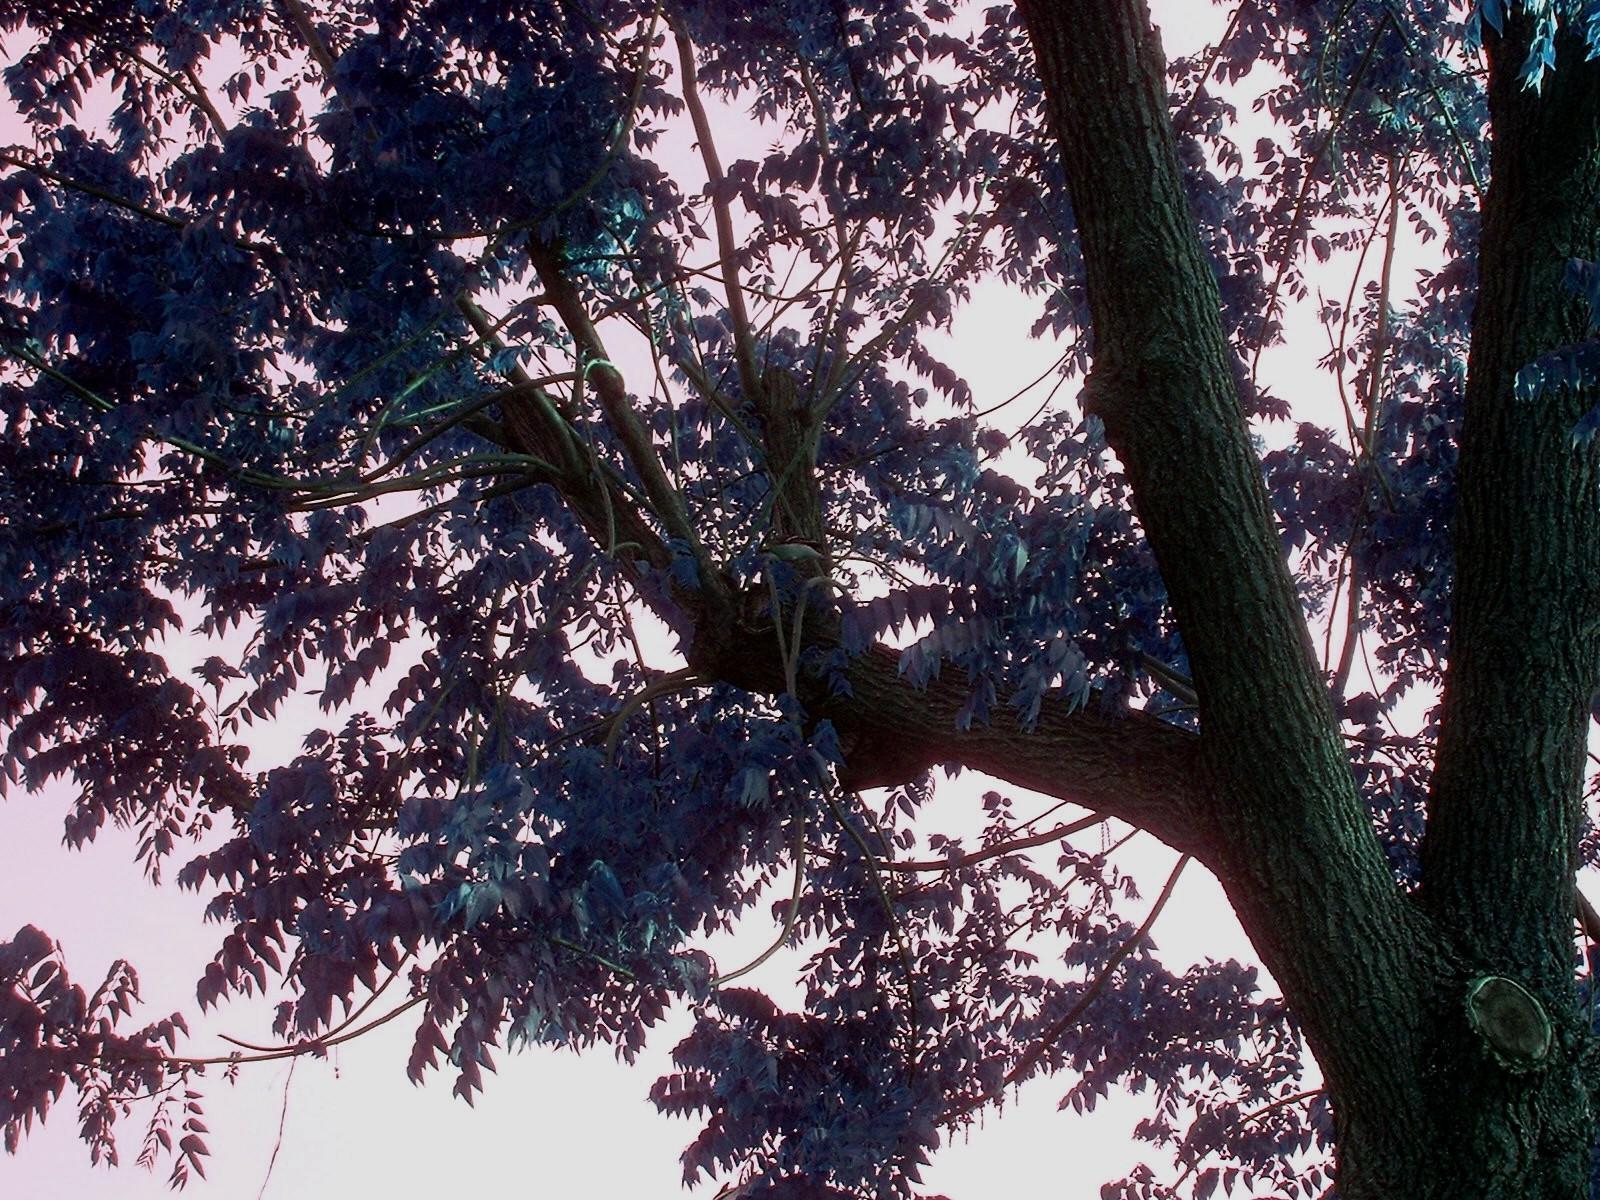 Tree2 by sSTARRMa